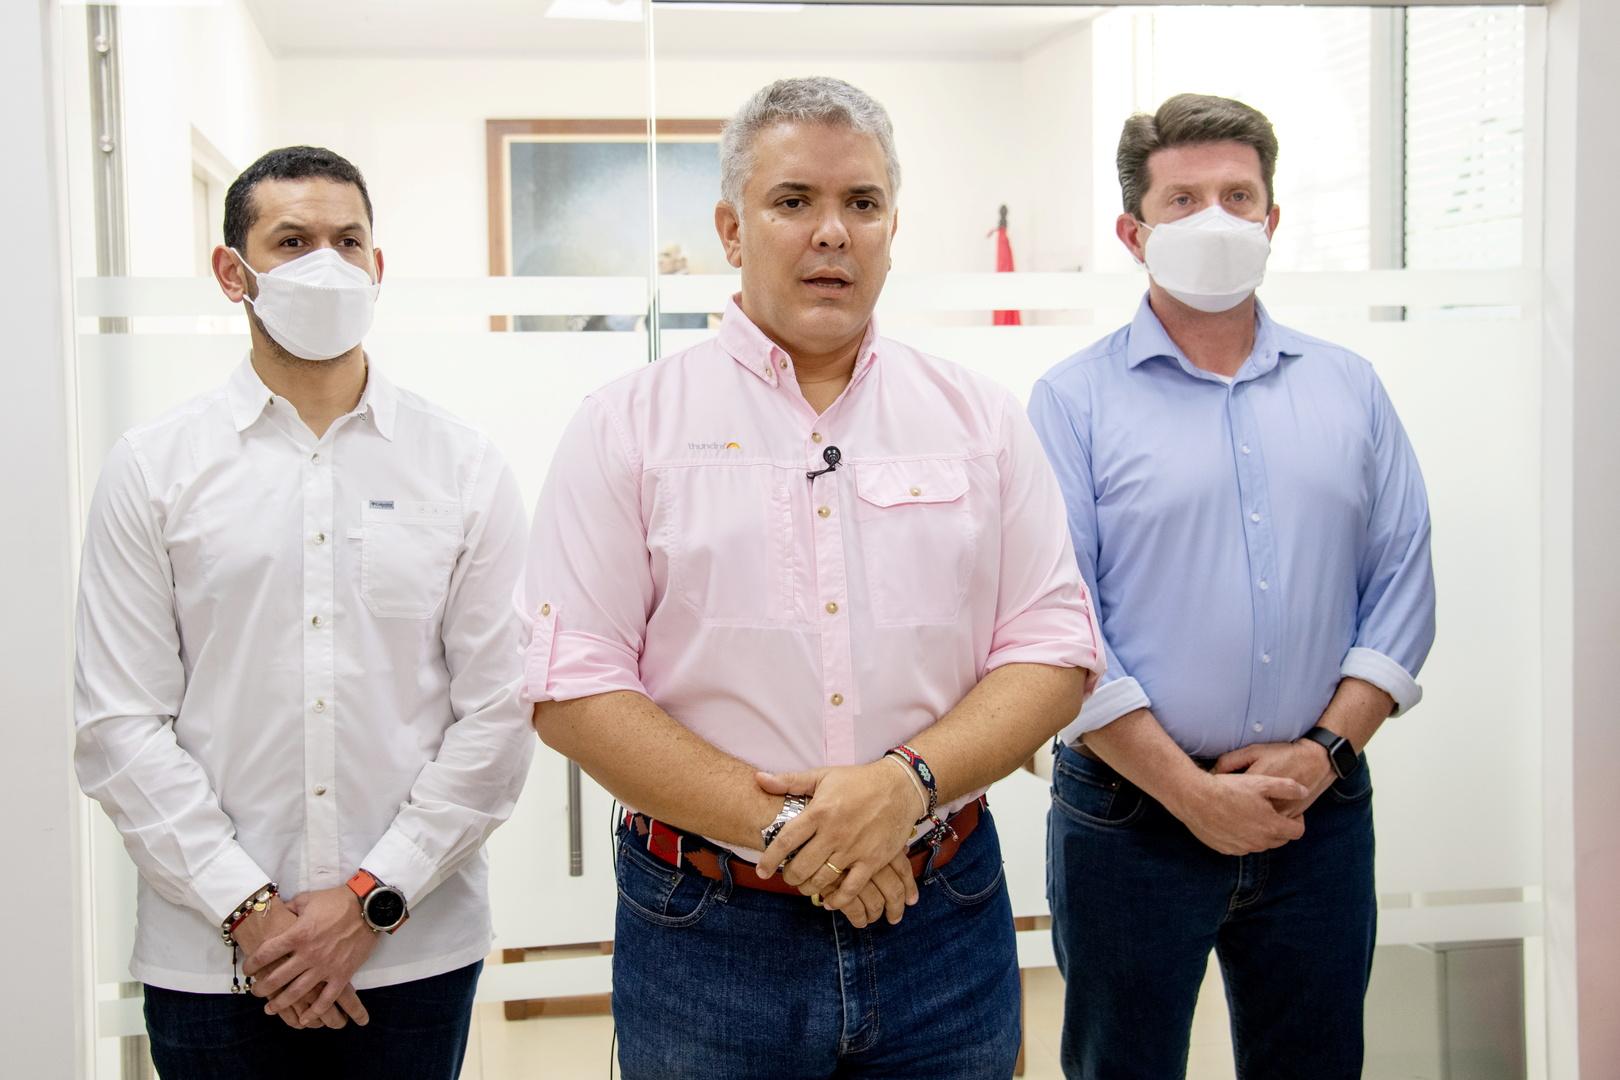 بايدن يؤكد دعمه للرئيس الكولومبي بعد حادث استهداف مروحيته